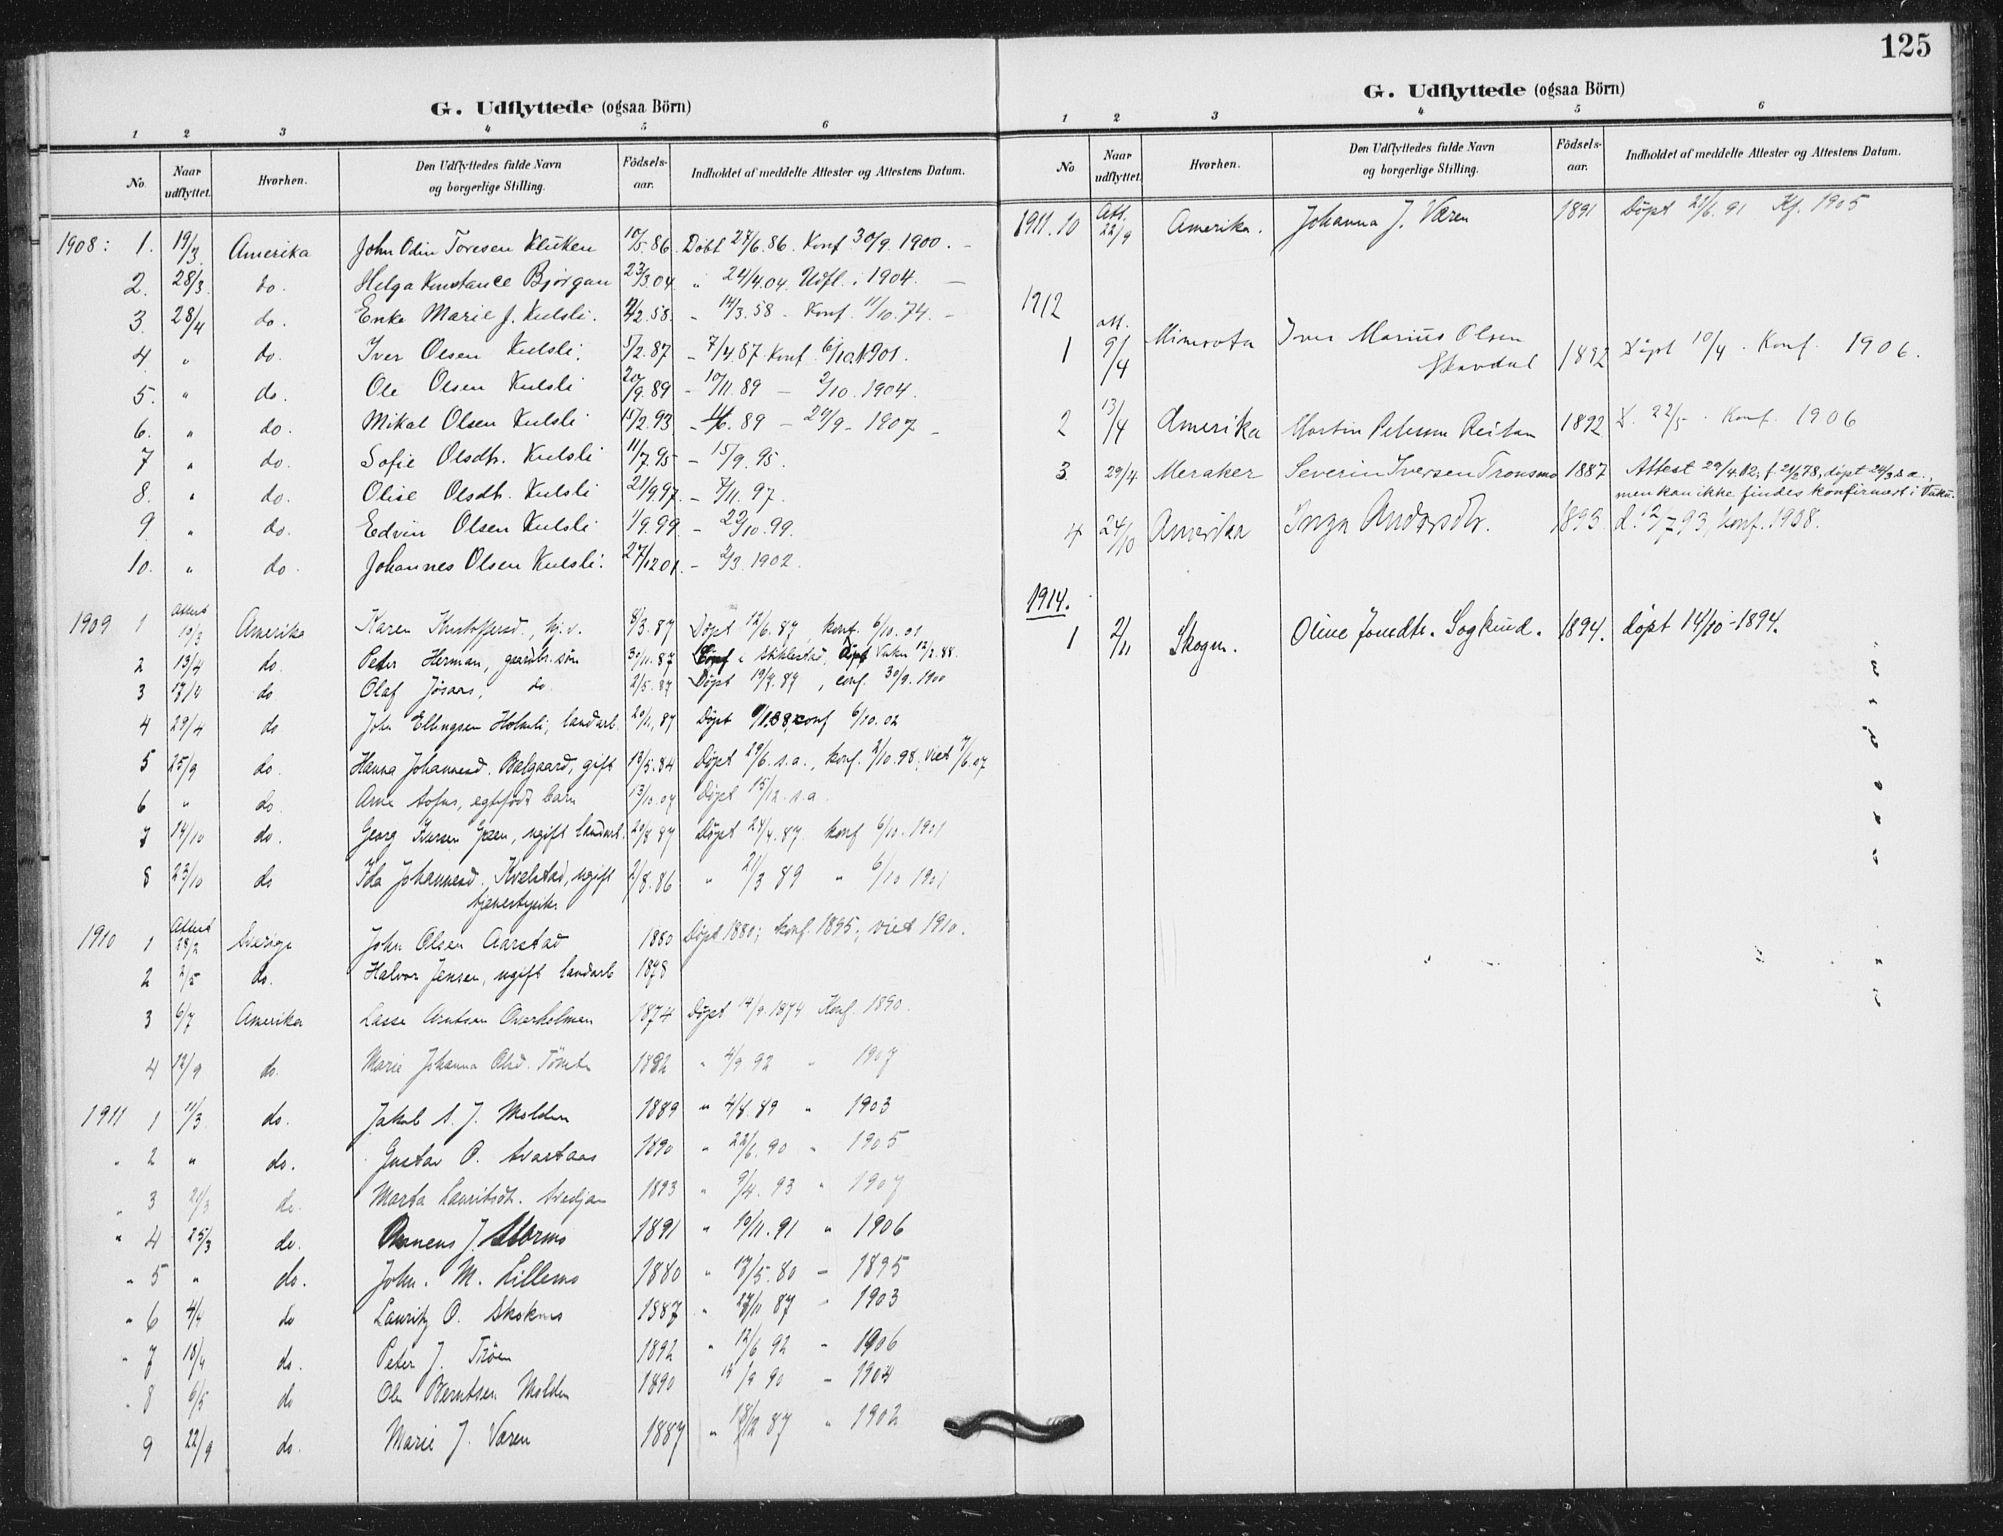 SAT, Ministerialprotokoller, klokkerbøker og fødselsregistre - Nord-Trøndelag, 724/L0264: Ministerialbok nr. 724A02, 1908-1915, s. 125